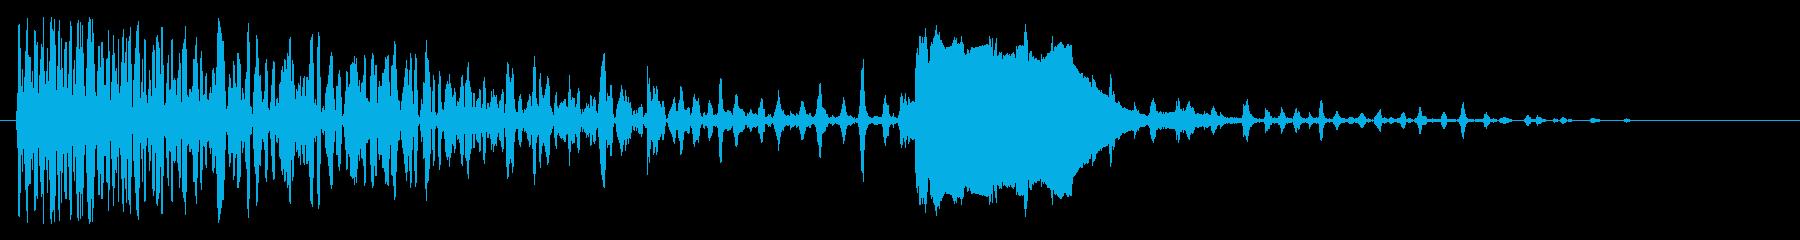 ドン コロコロパオン(コミカルな爆発音)の再生済みの波形